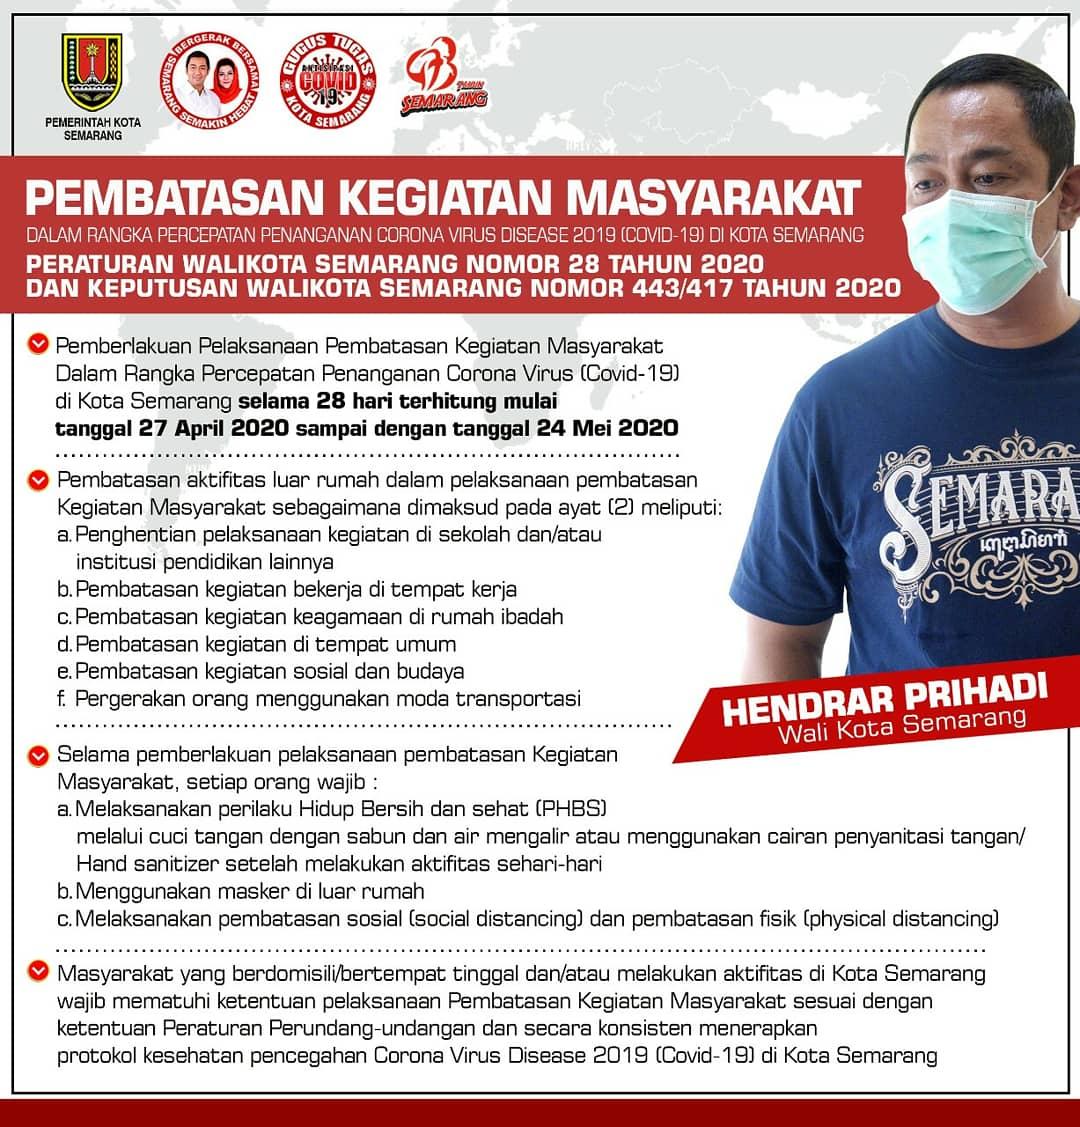 Pemkot Semarang Info Pembatasan Kegiatan Masyarakat Pemerintah Kota Semarang